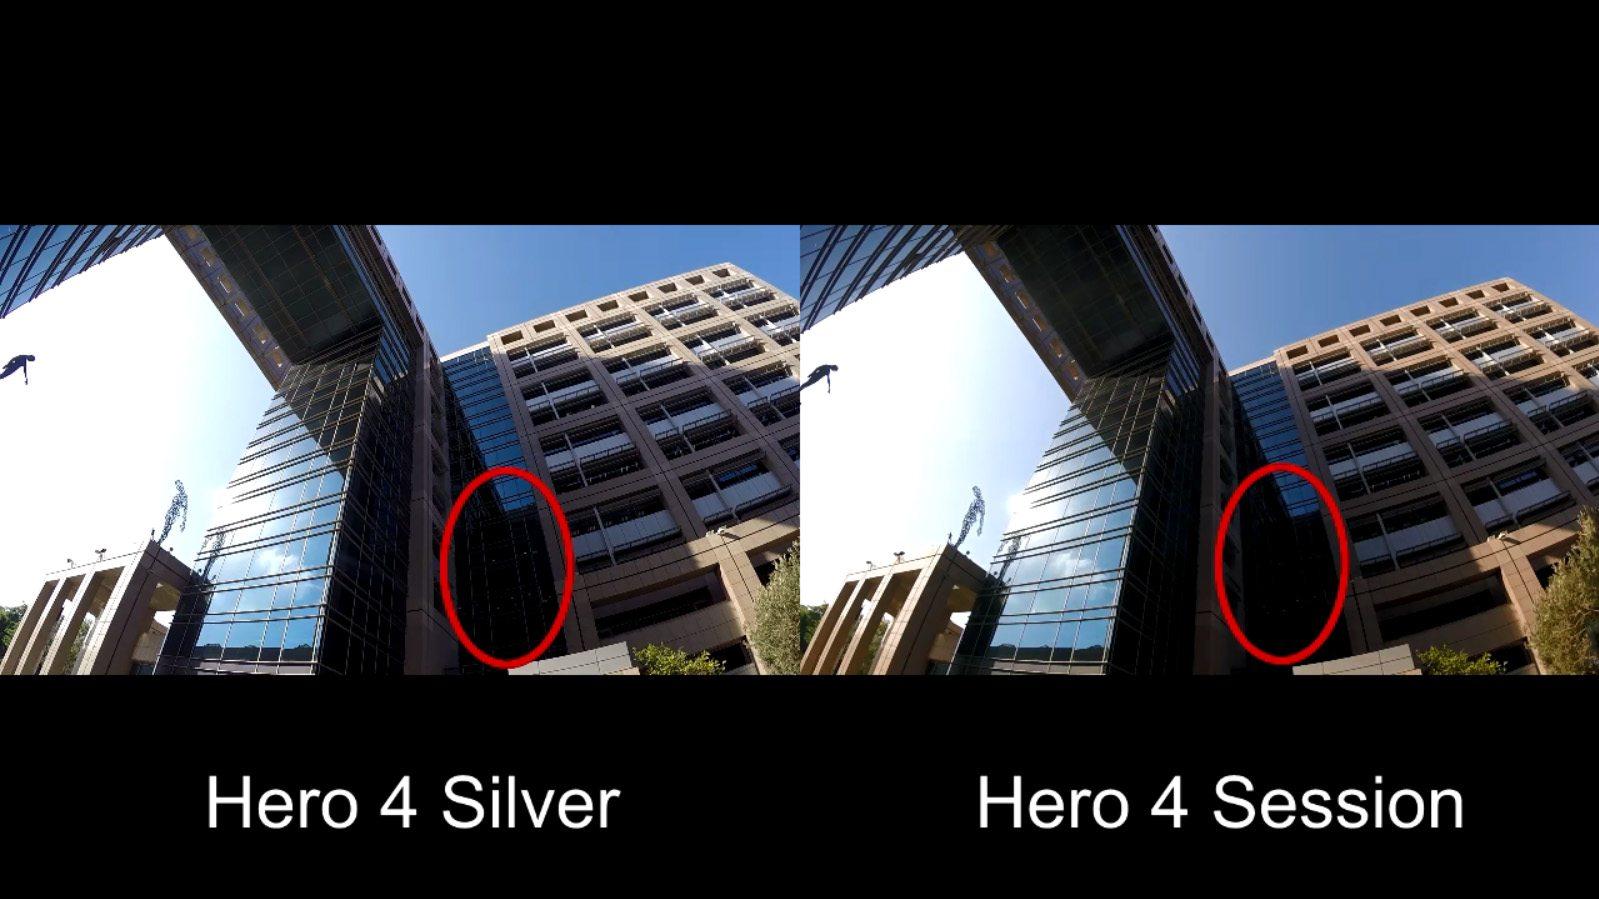 טווח דינאמי צר בהשוואה ל-Hero 4 Silver. קליק להגדלה. מקור: גיקטיים